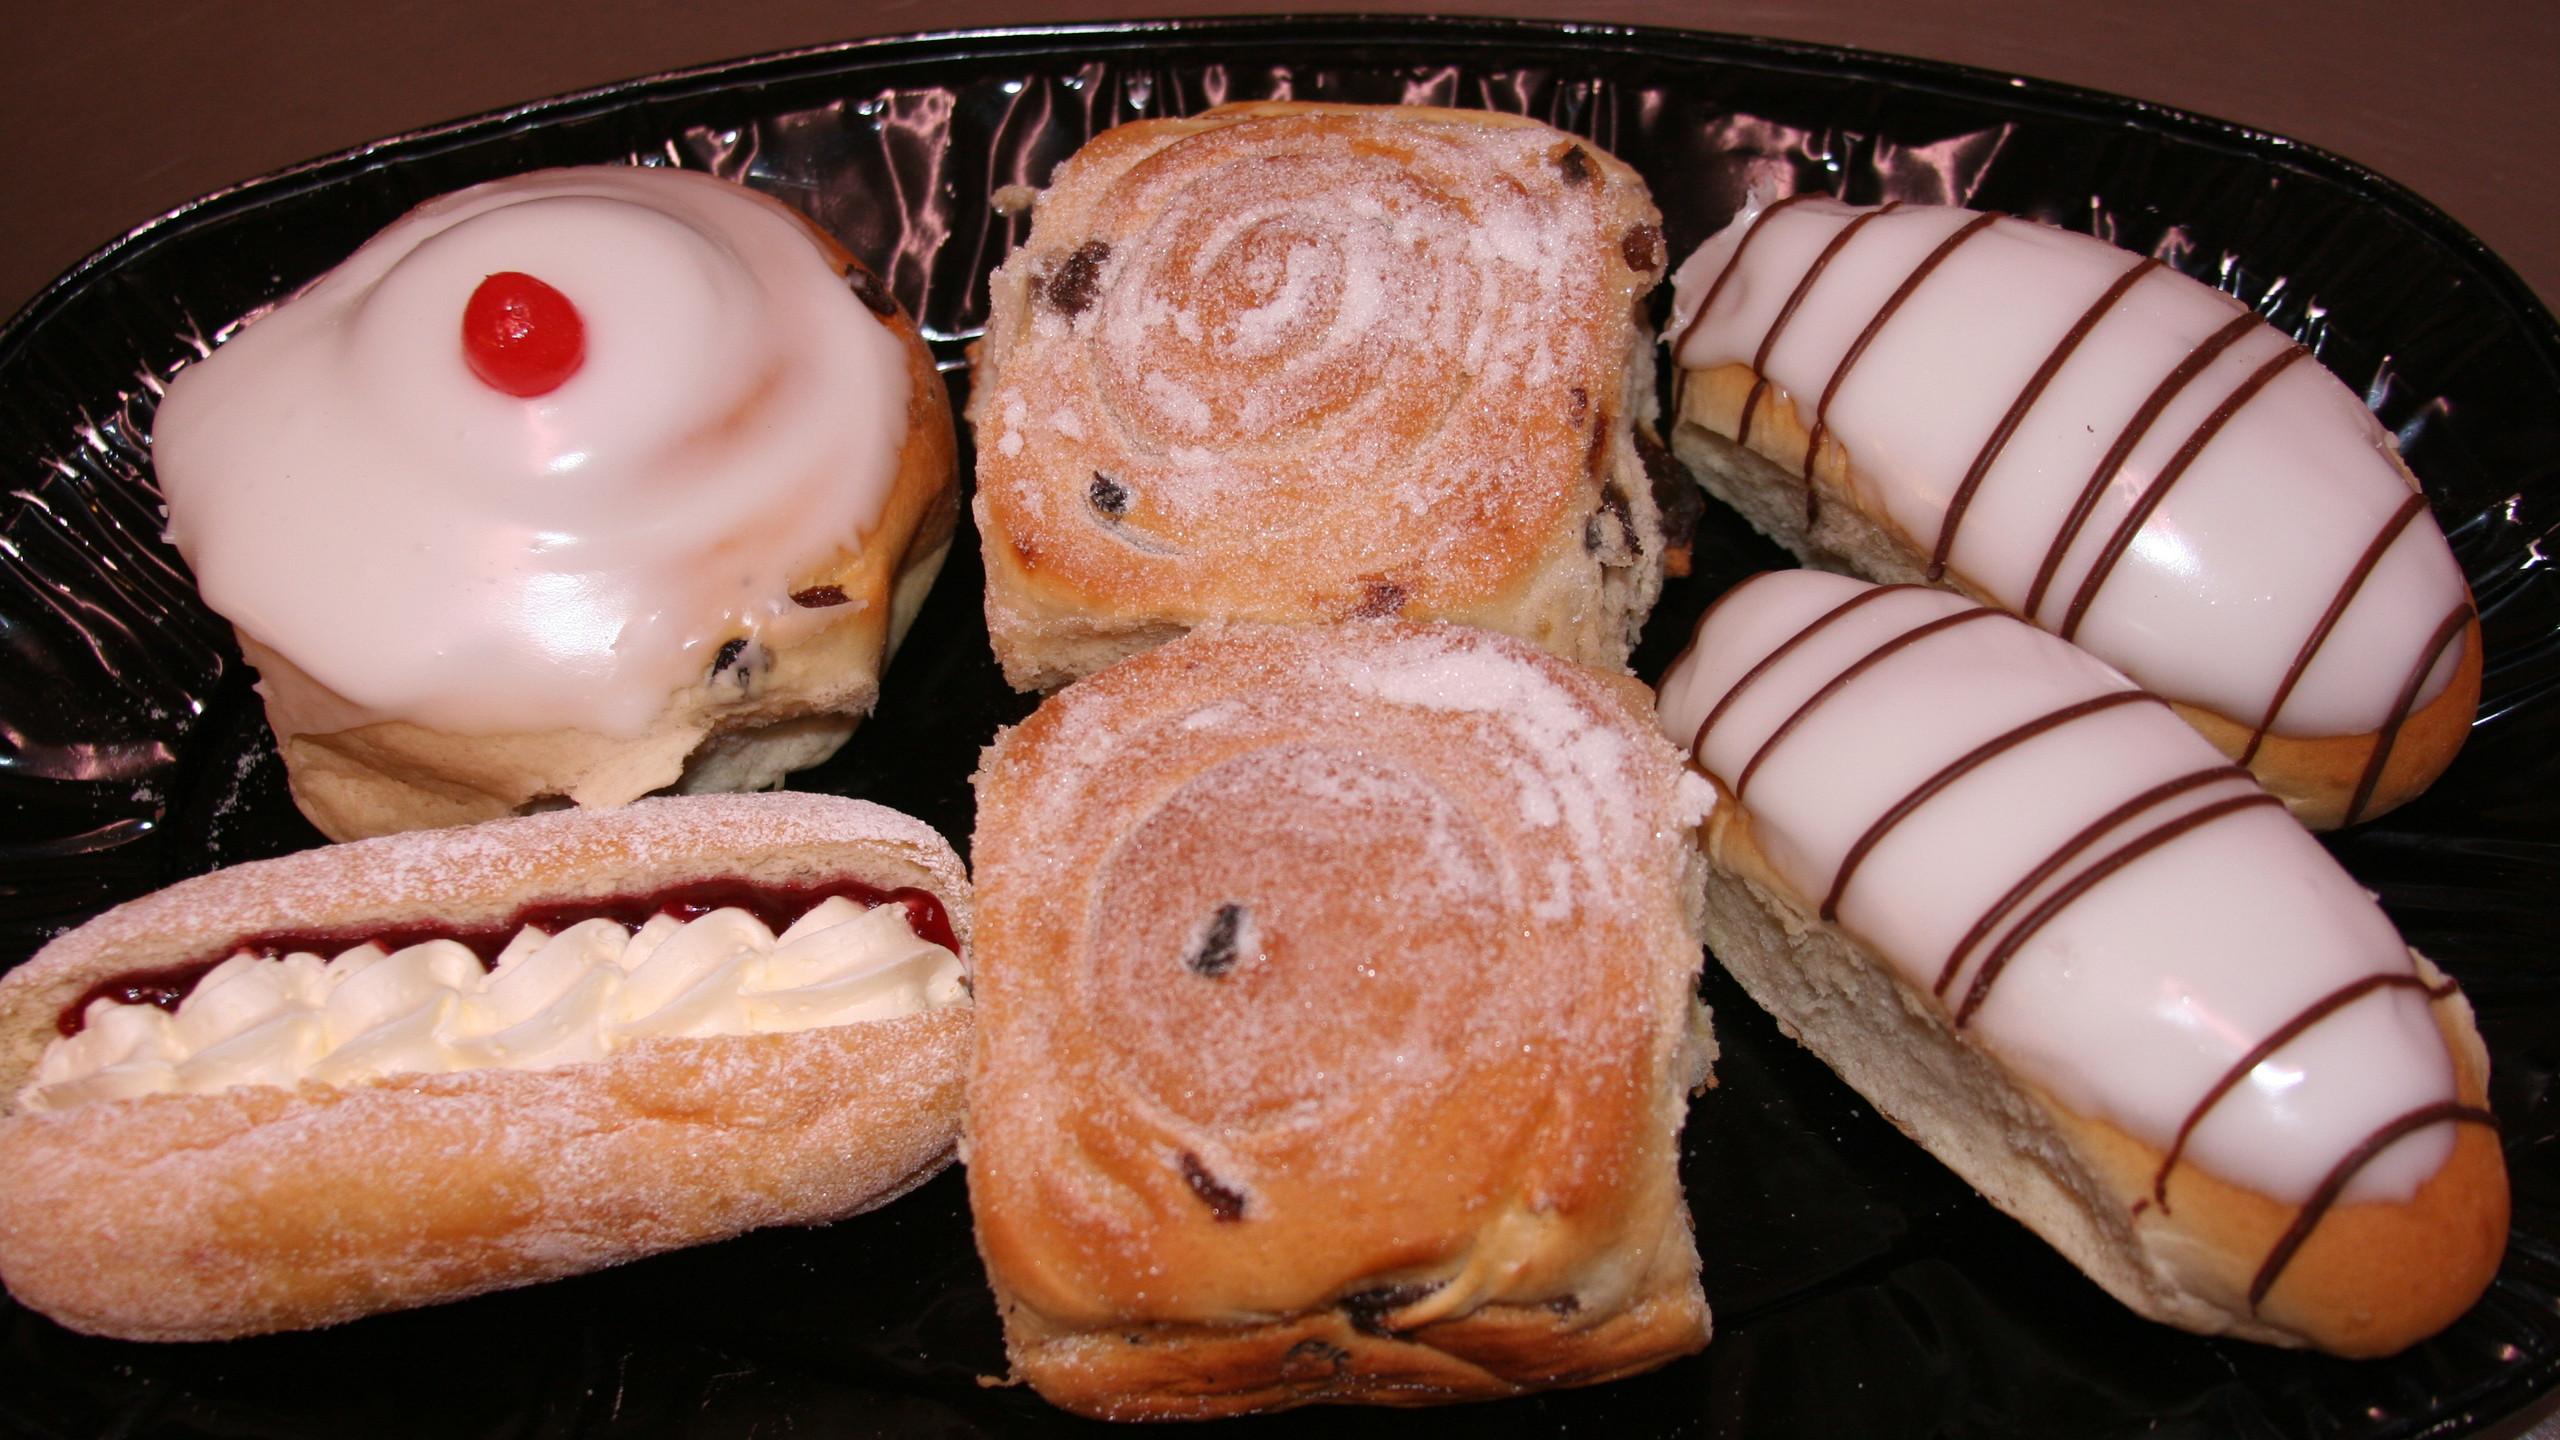 Cakes at Revetts